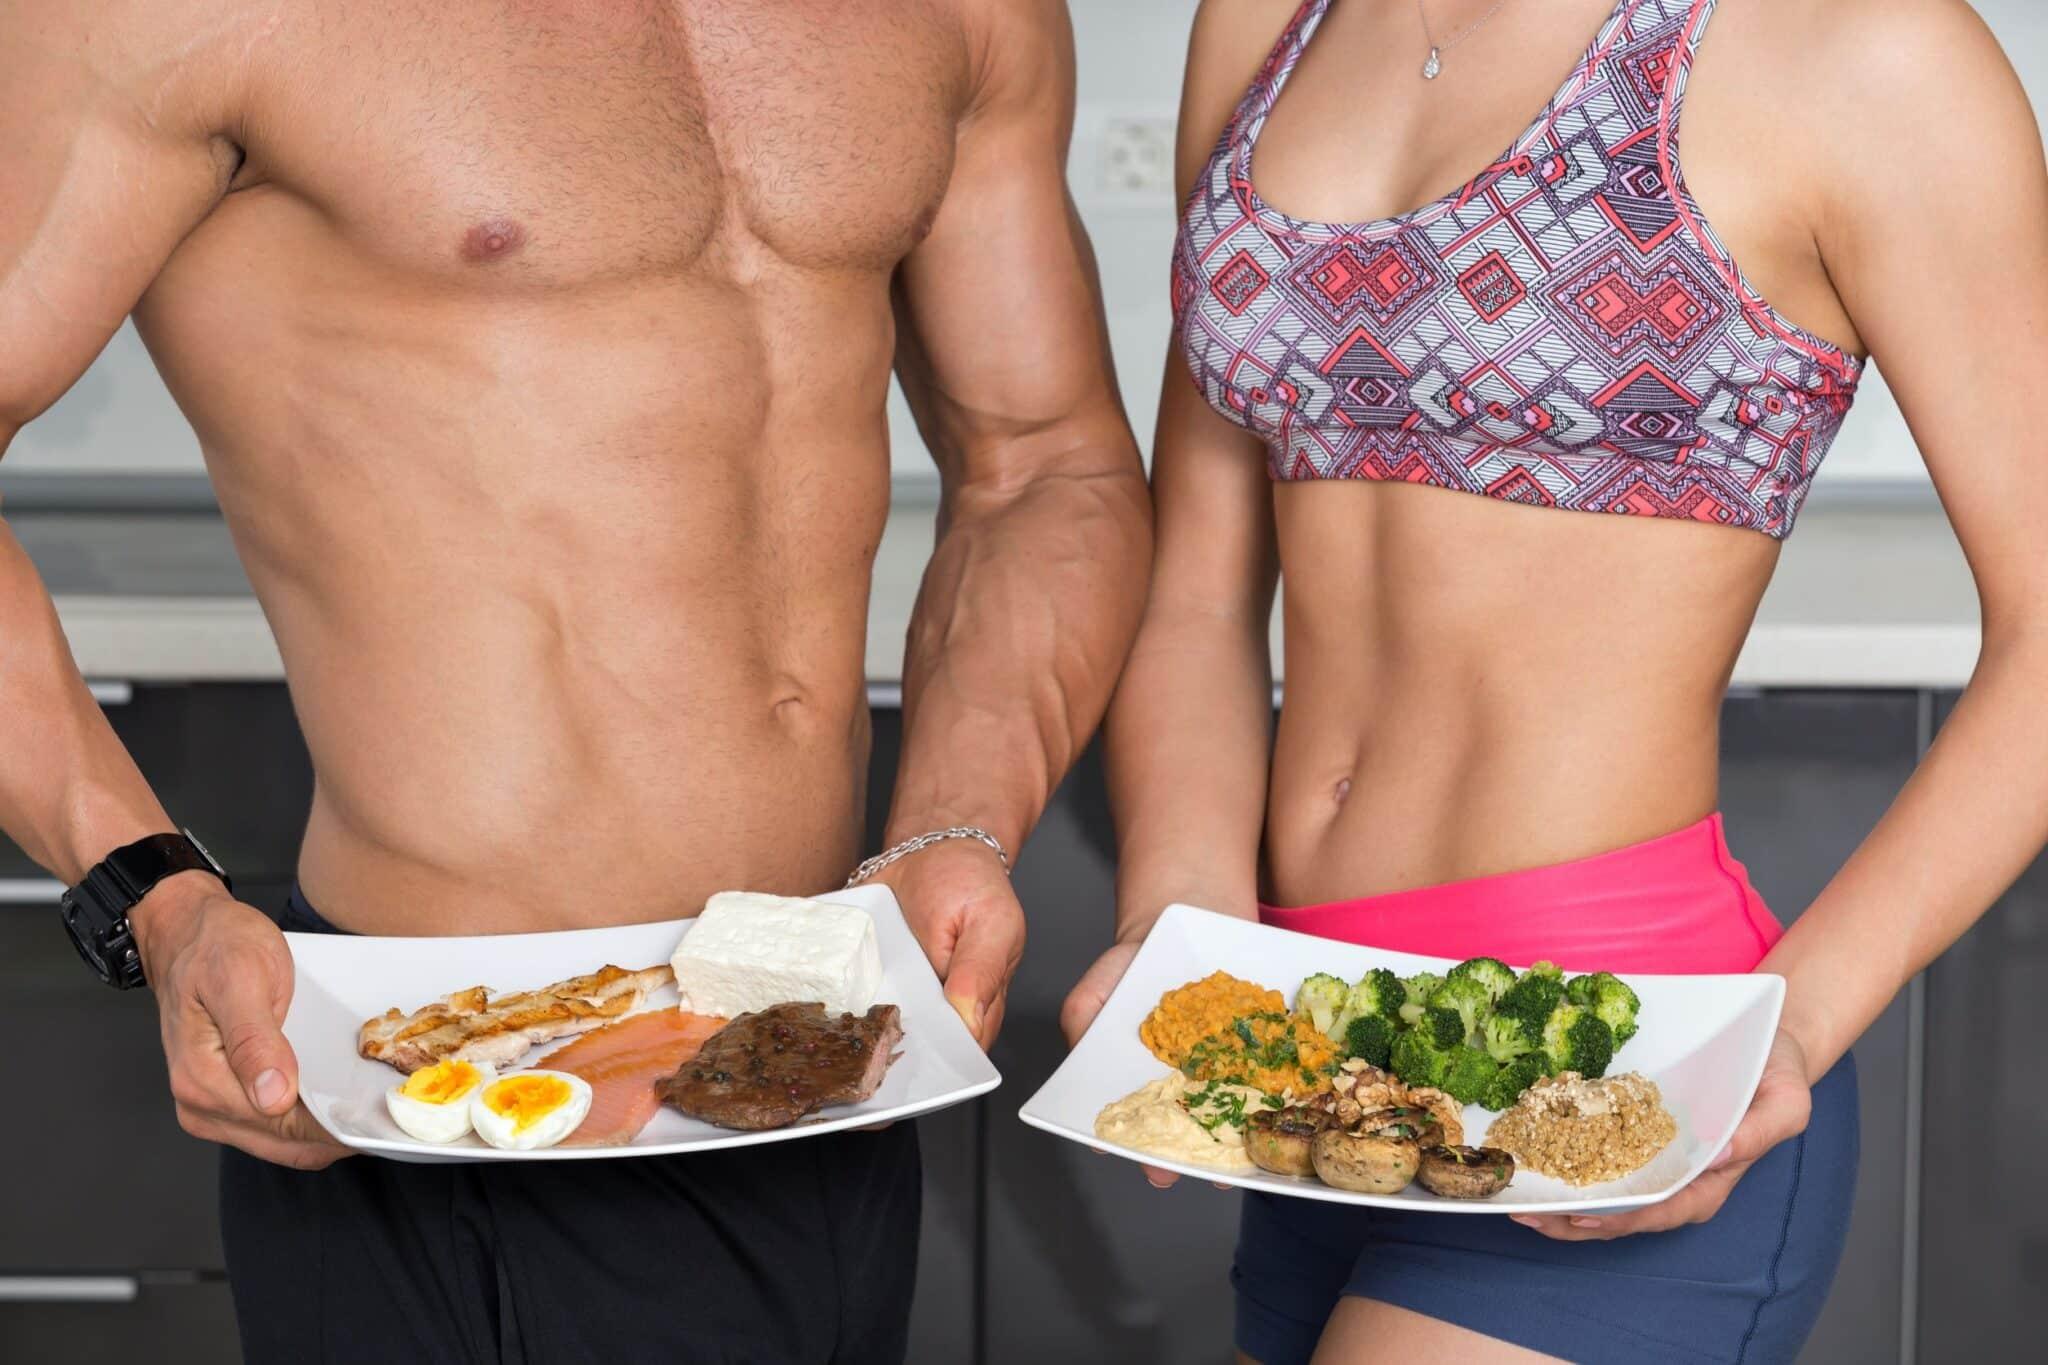 Похудеть мужику на тренировке